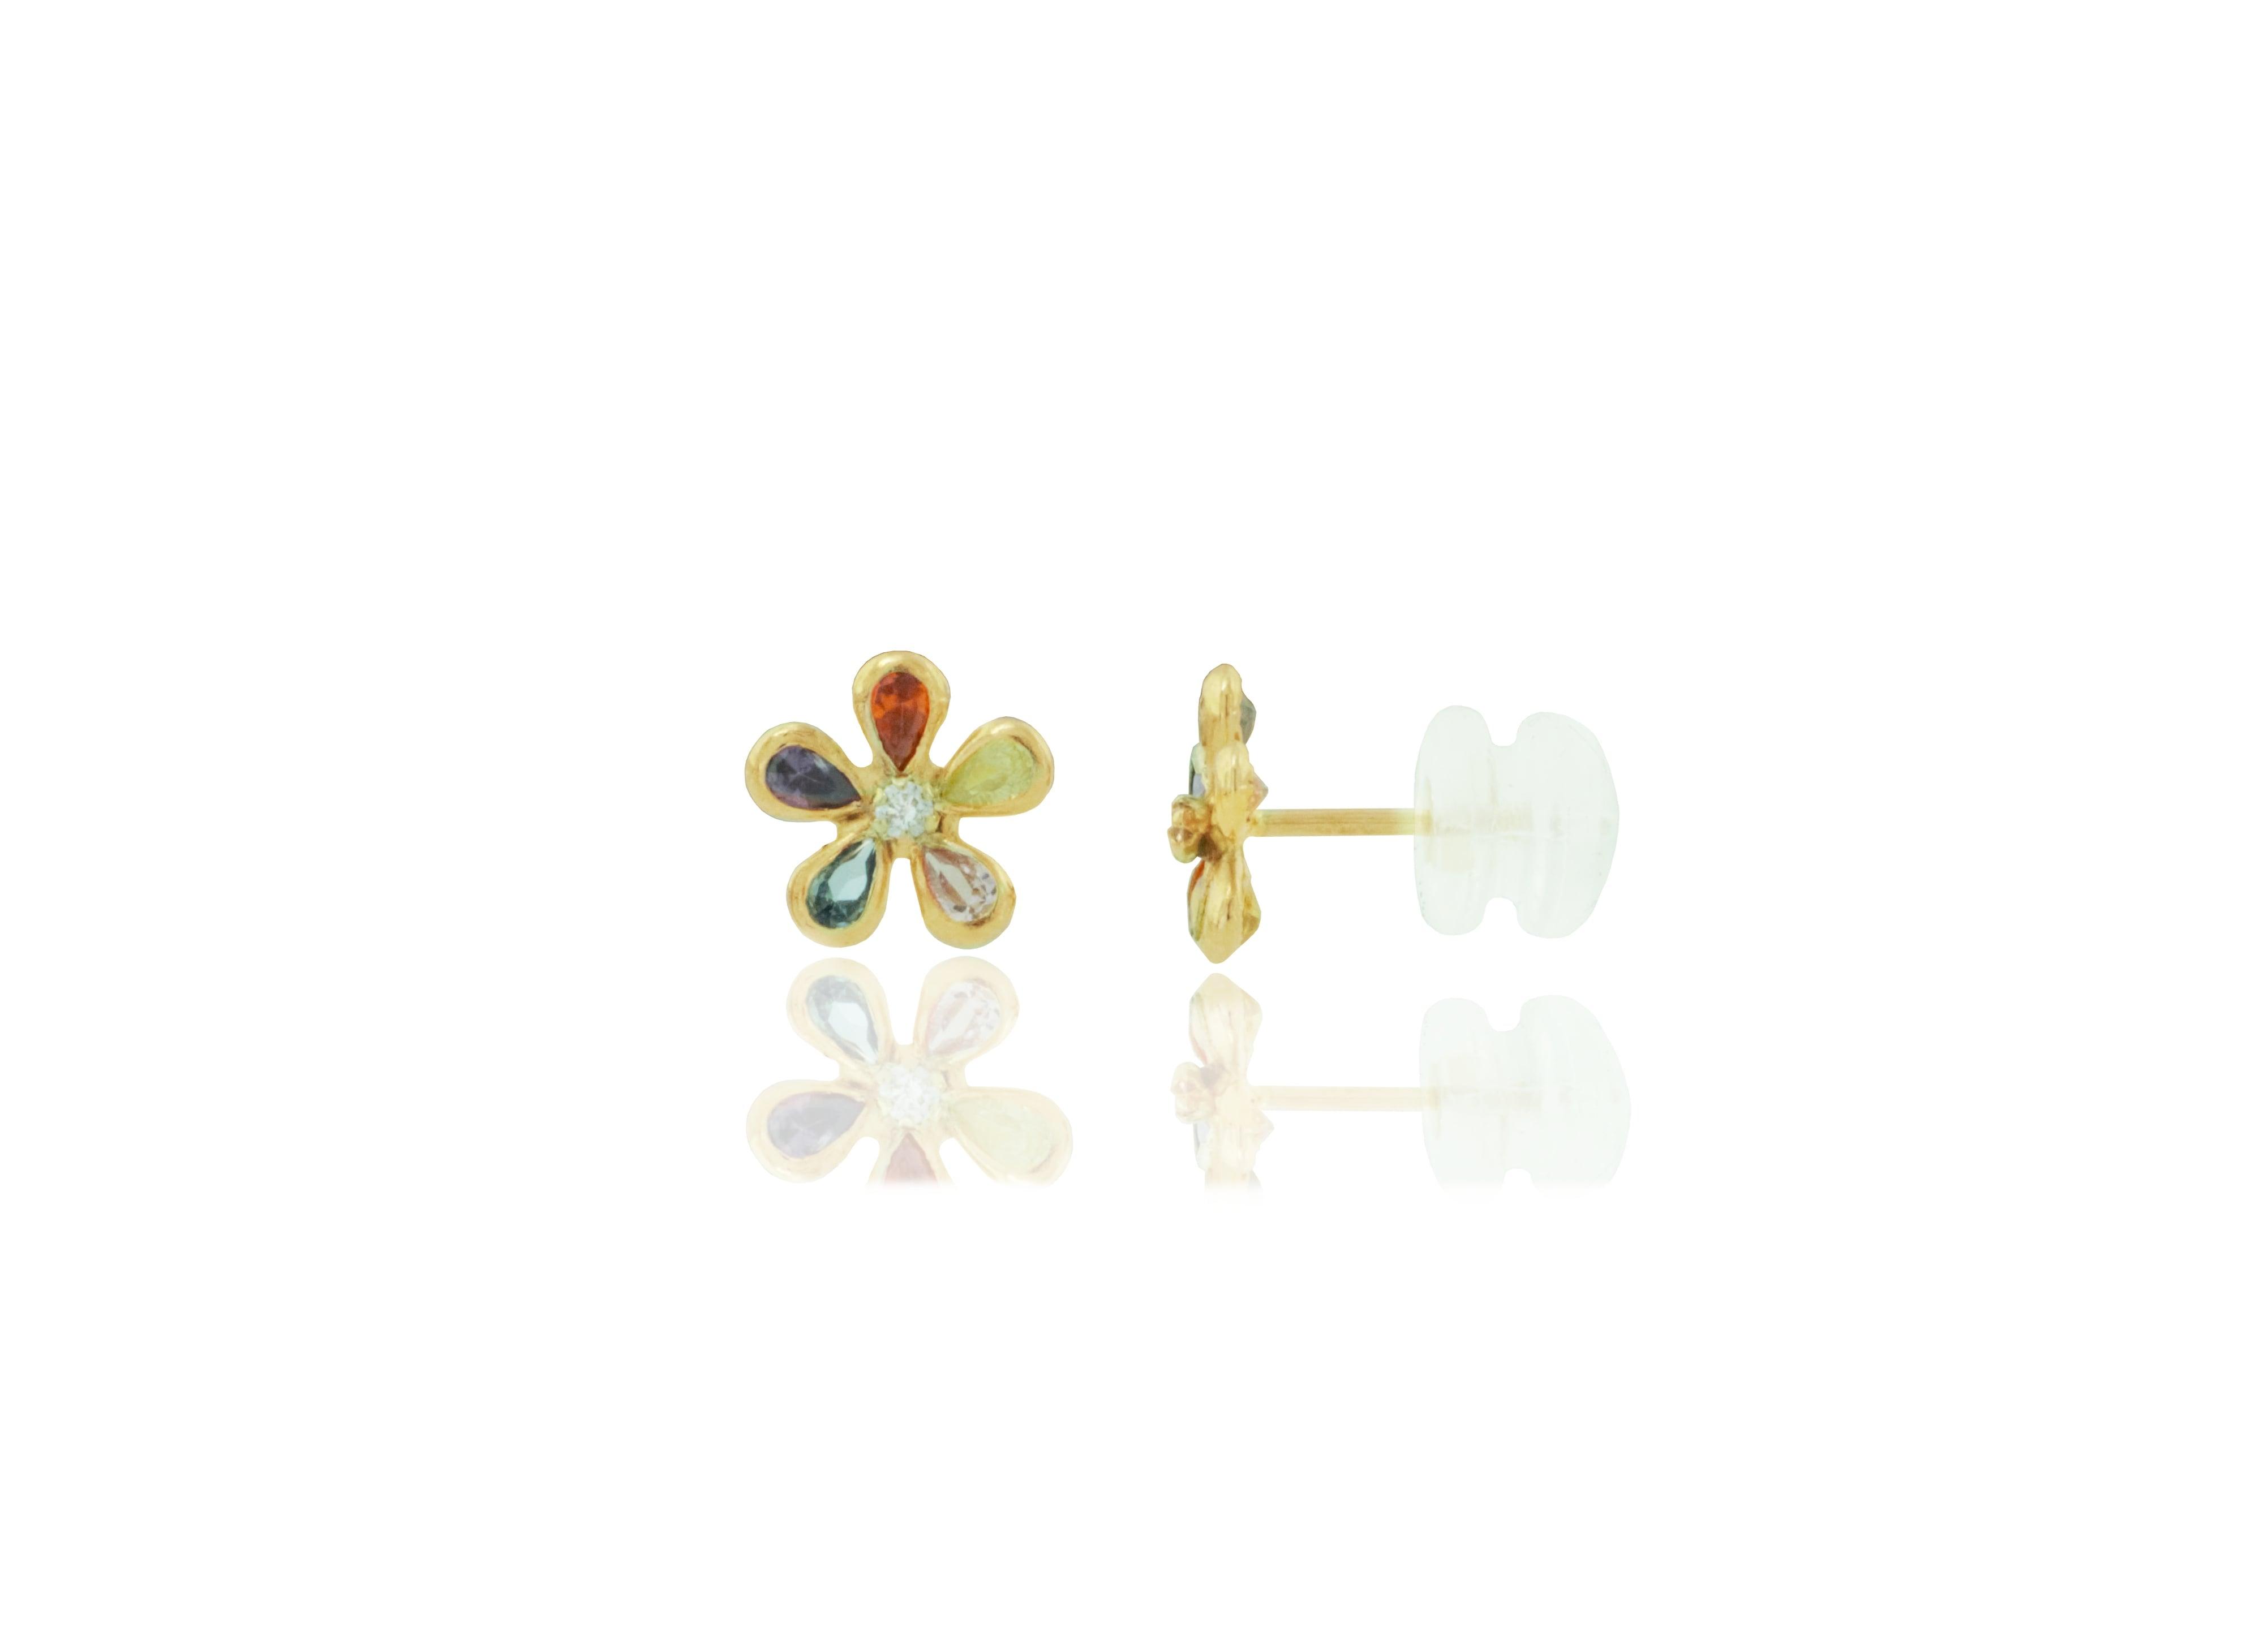 עגילי זהב 14 קרט בסגנון פרח עם אבני חן